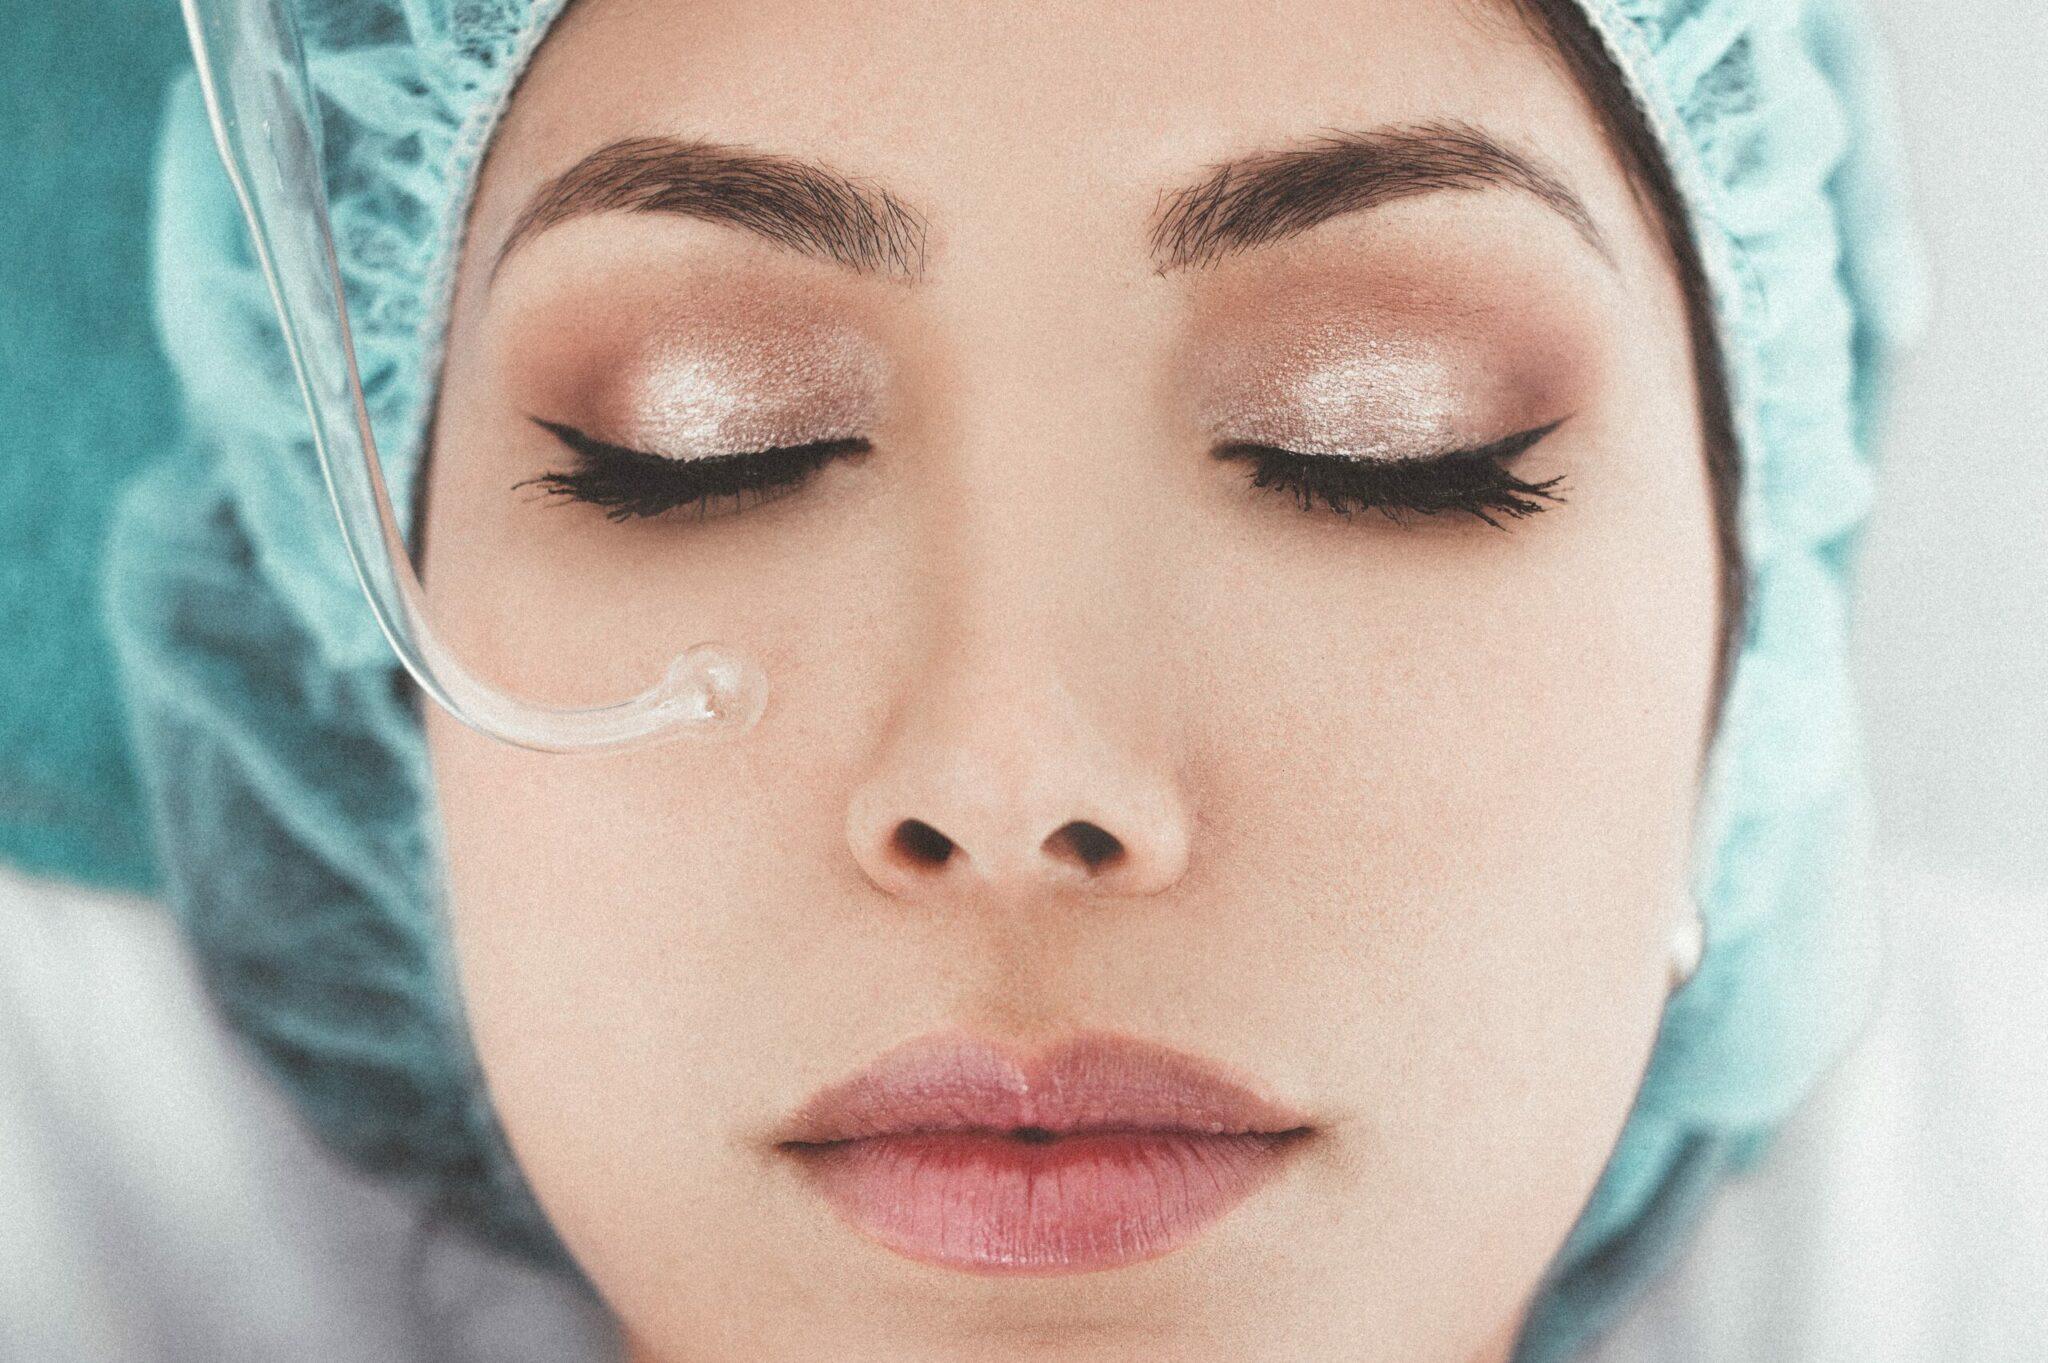 Tratamiento de problemas de la piel; rosácea, acné, dermatitis, melasma, psoriasis, cicatrices, etc …